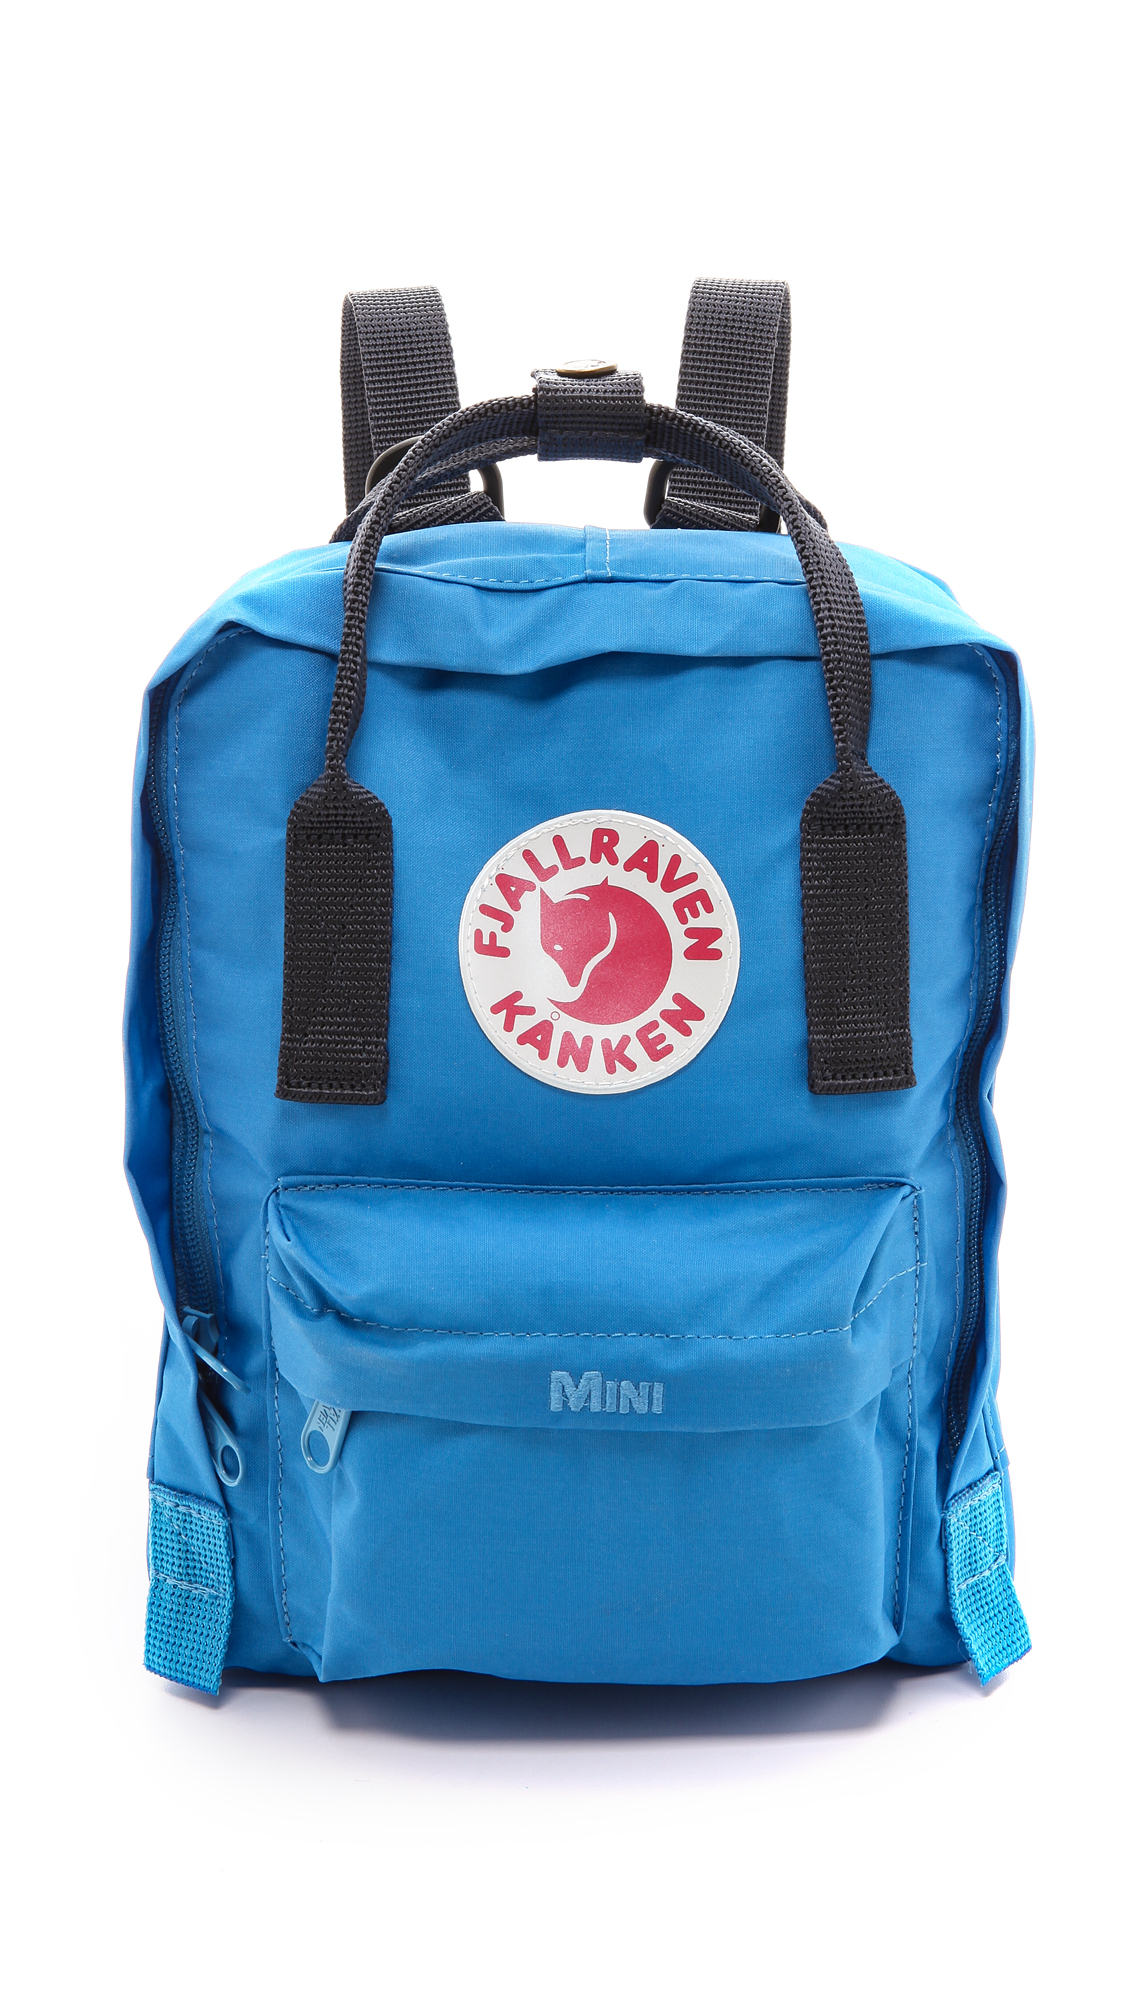 fjallraven kanken mini backpack un blue navy in blue un. Black Bedroom Furniture Sets. Home Design Ideas